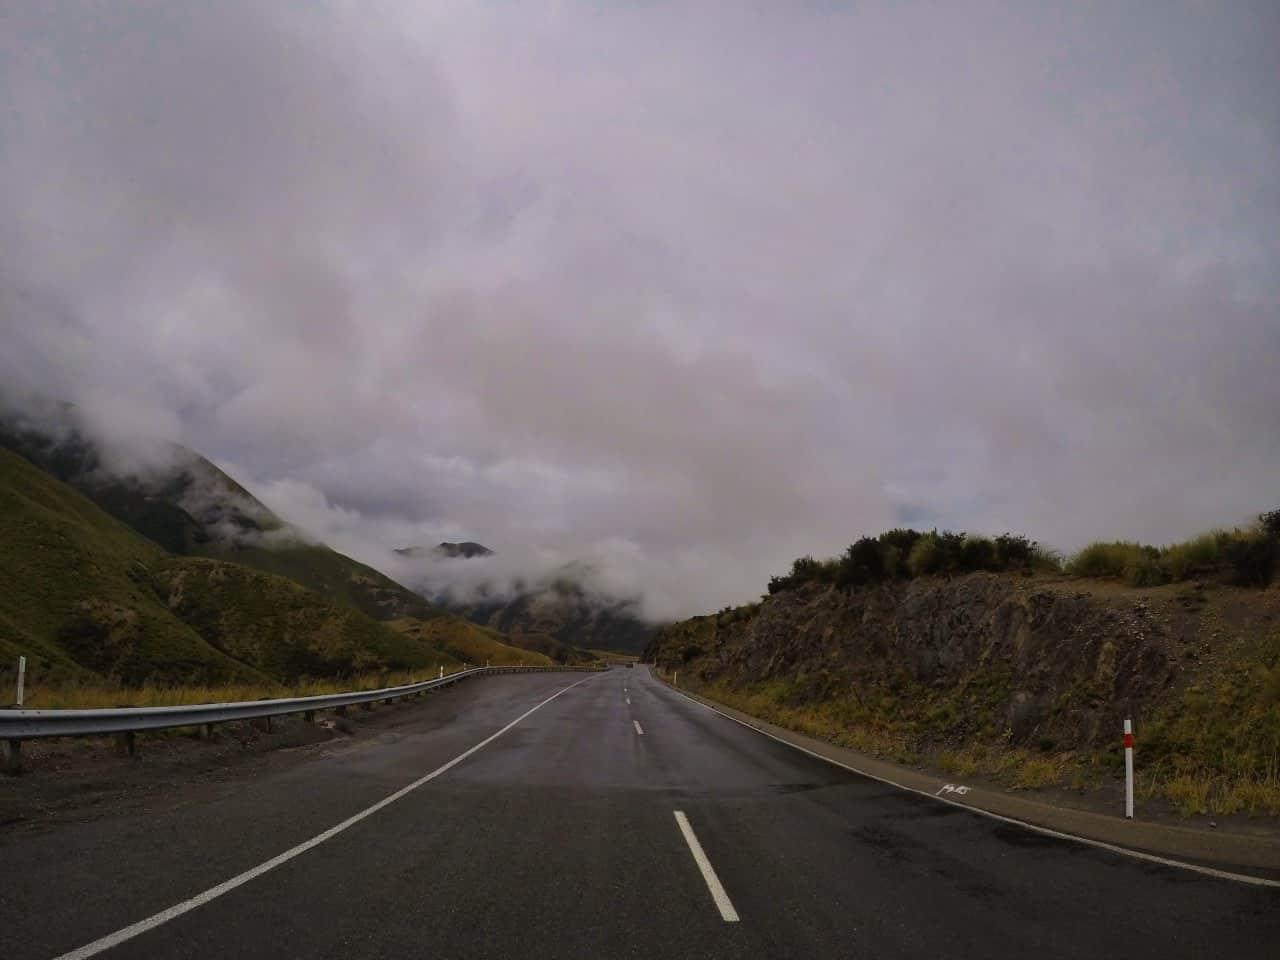 Arthurs-Pass-New-Zealand-rainy-day